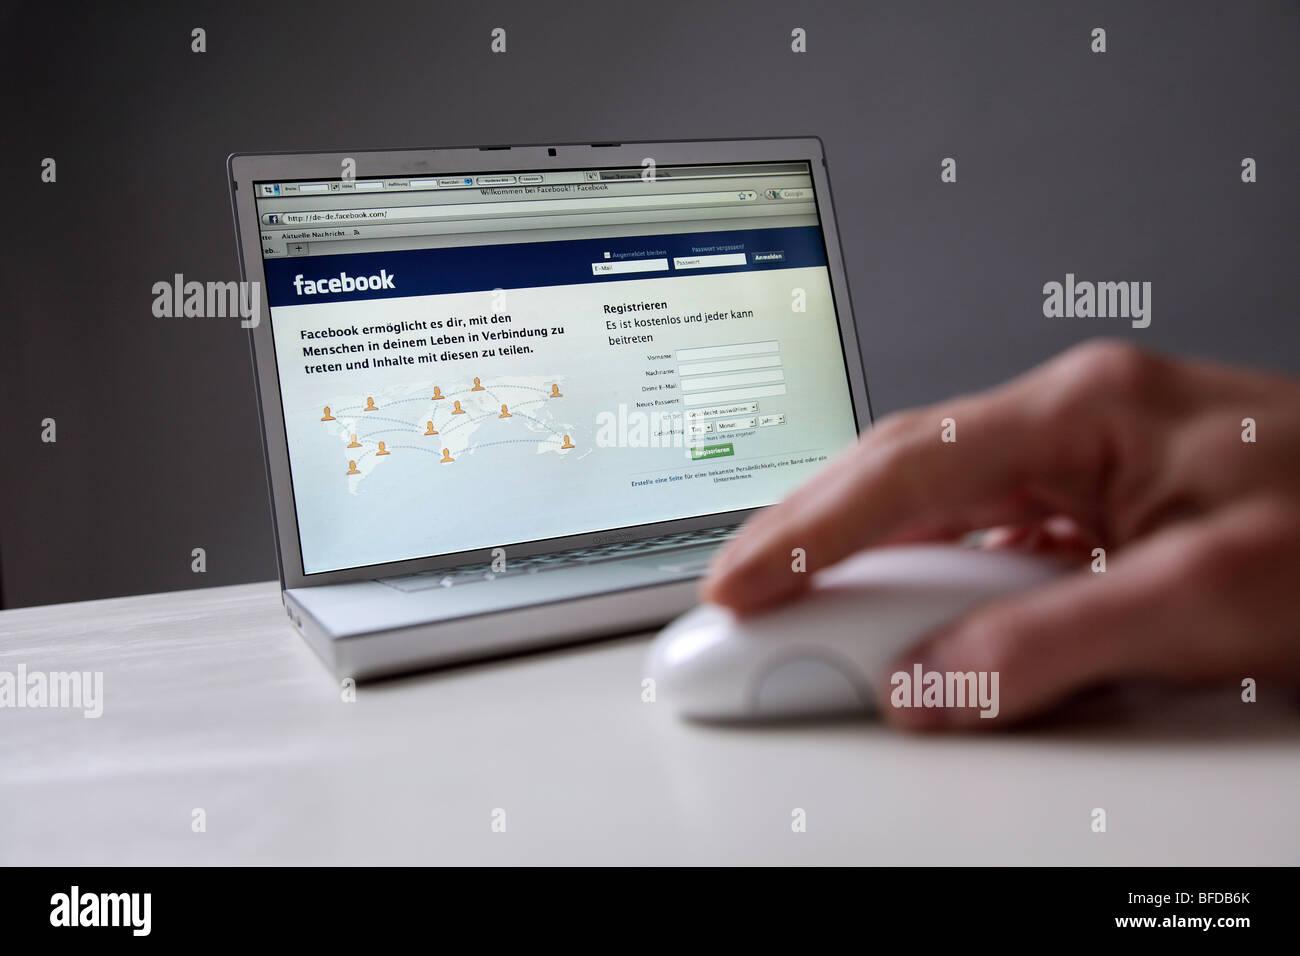 Facebook Internet Site: social networks online - Stock Image